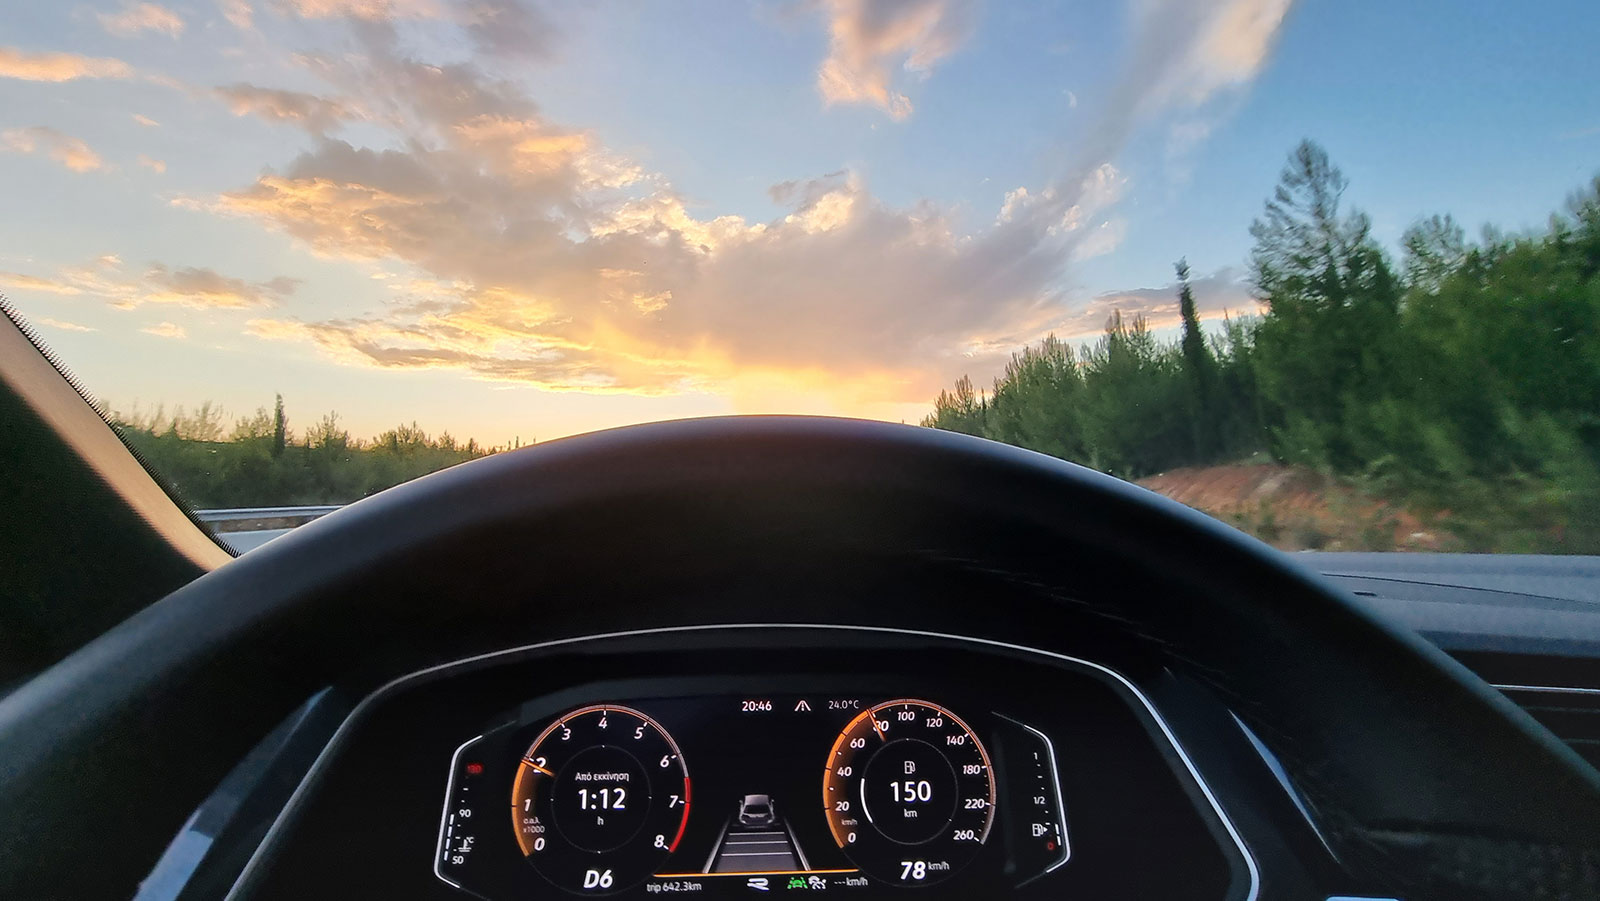 VW Tiguan Tech Road Trip June 2021